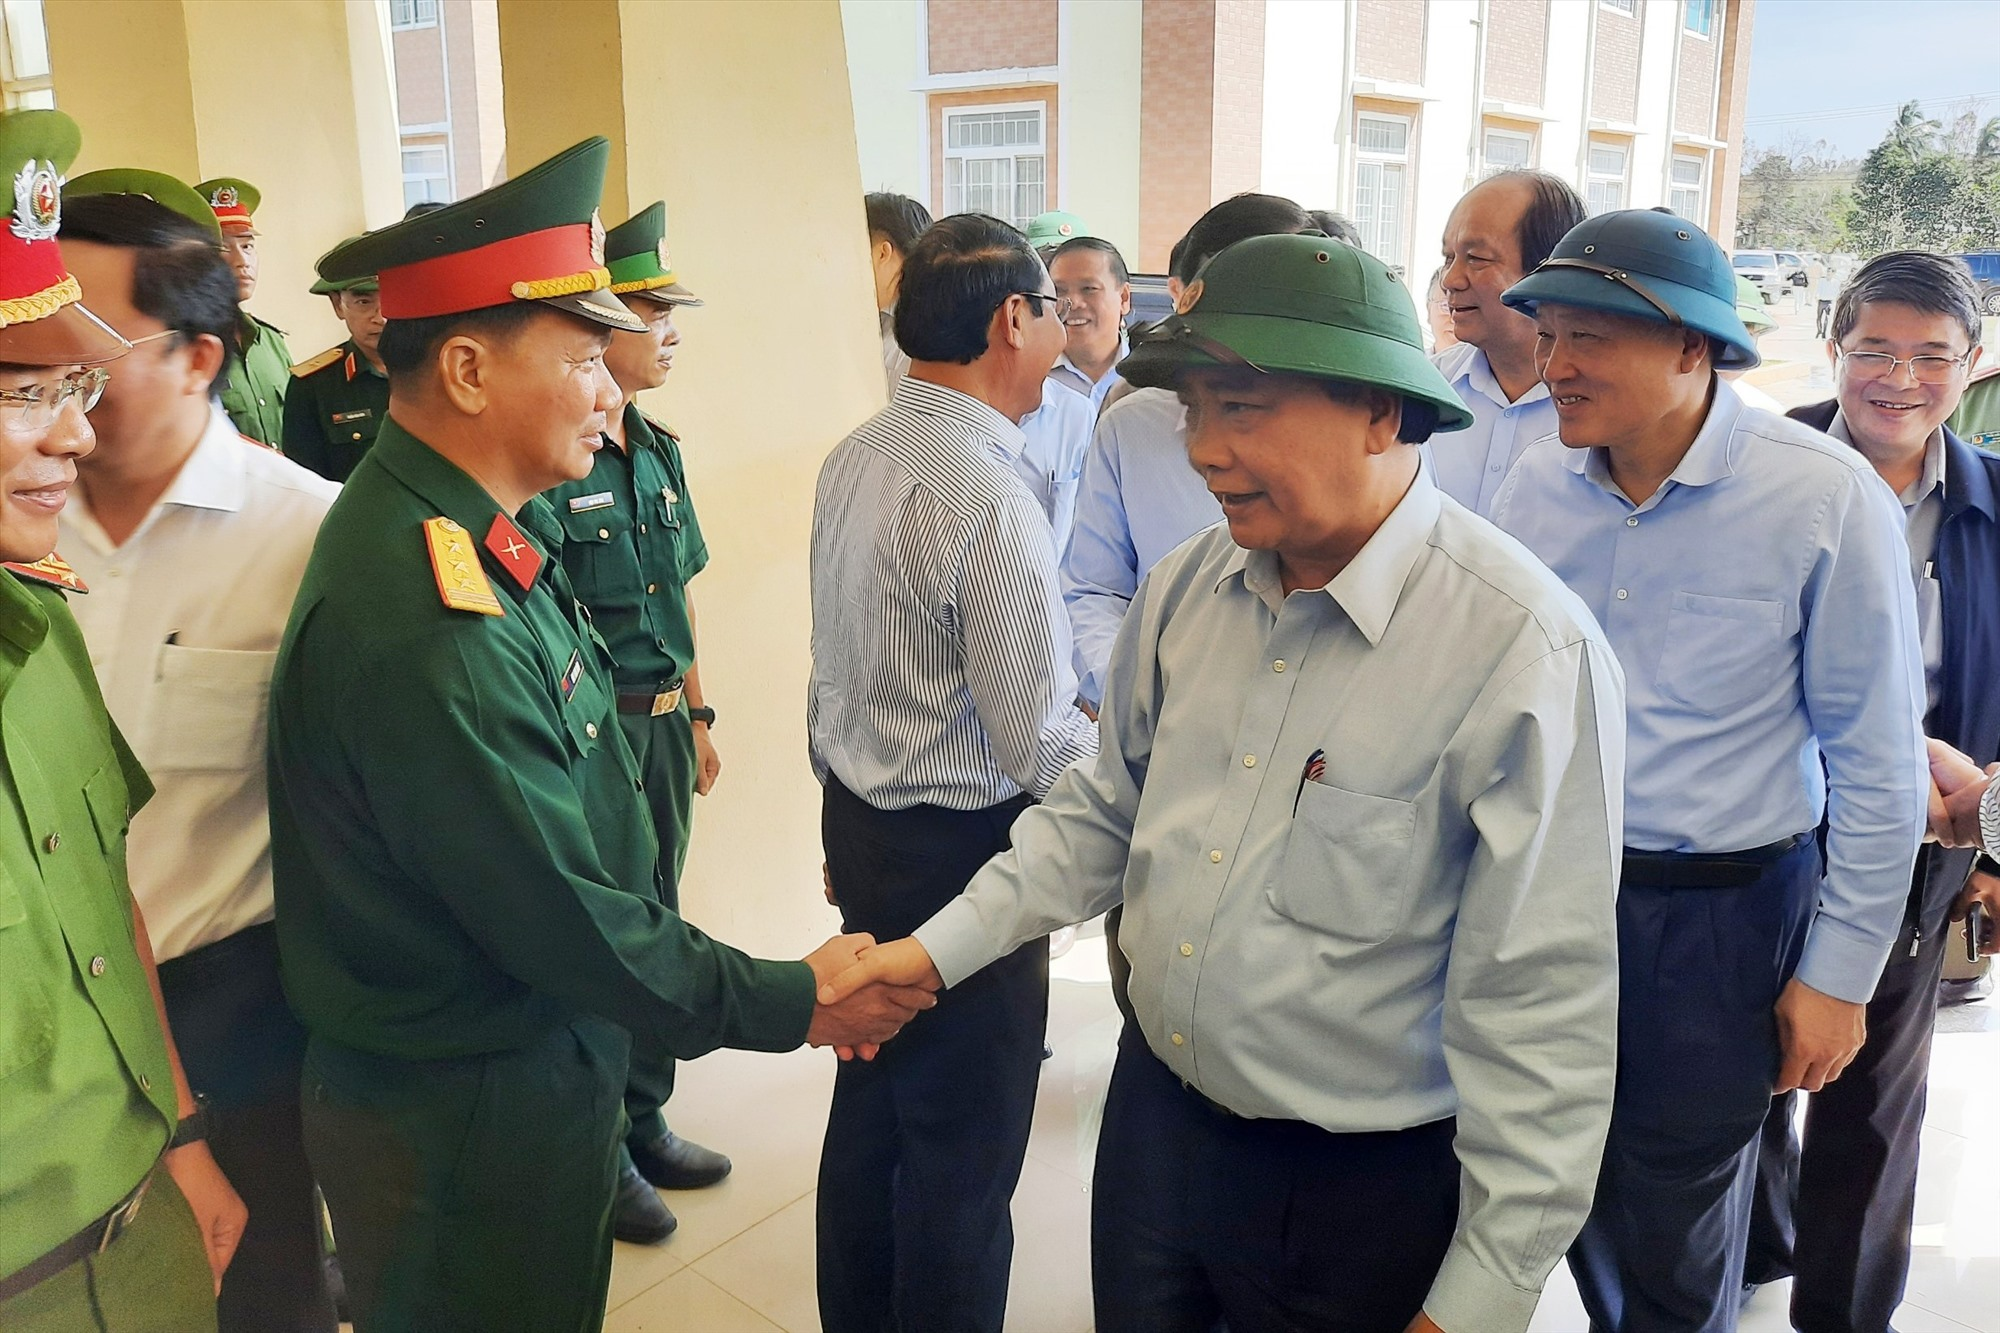 Thủ tướng Chính phủ Nguyễn Xuân Phúc động viên cán bộ địa phương. Ảnh: Đ.N